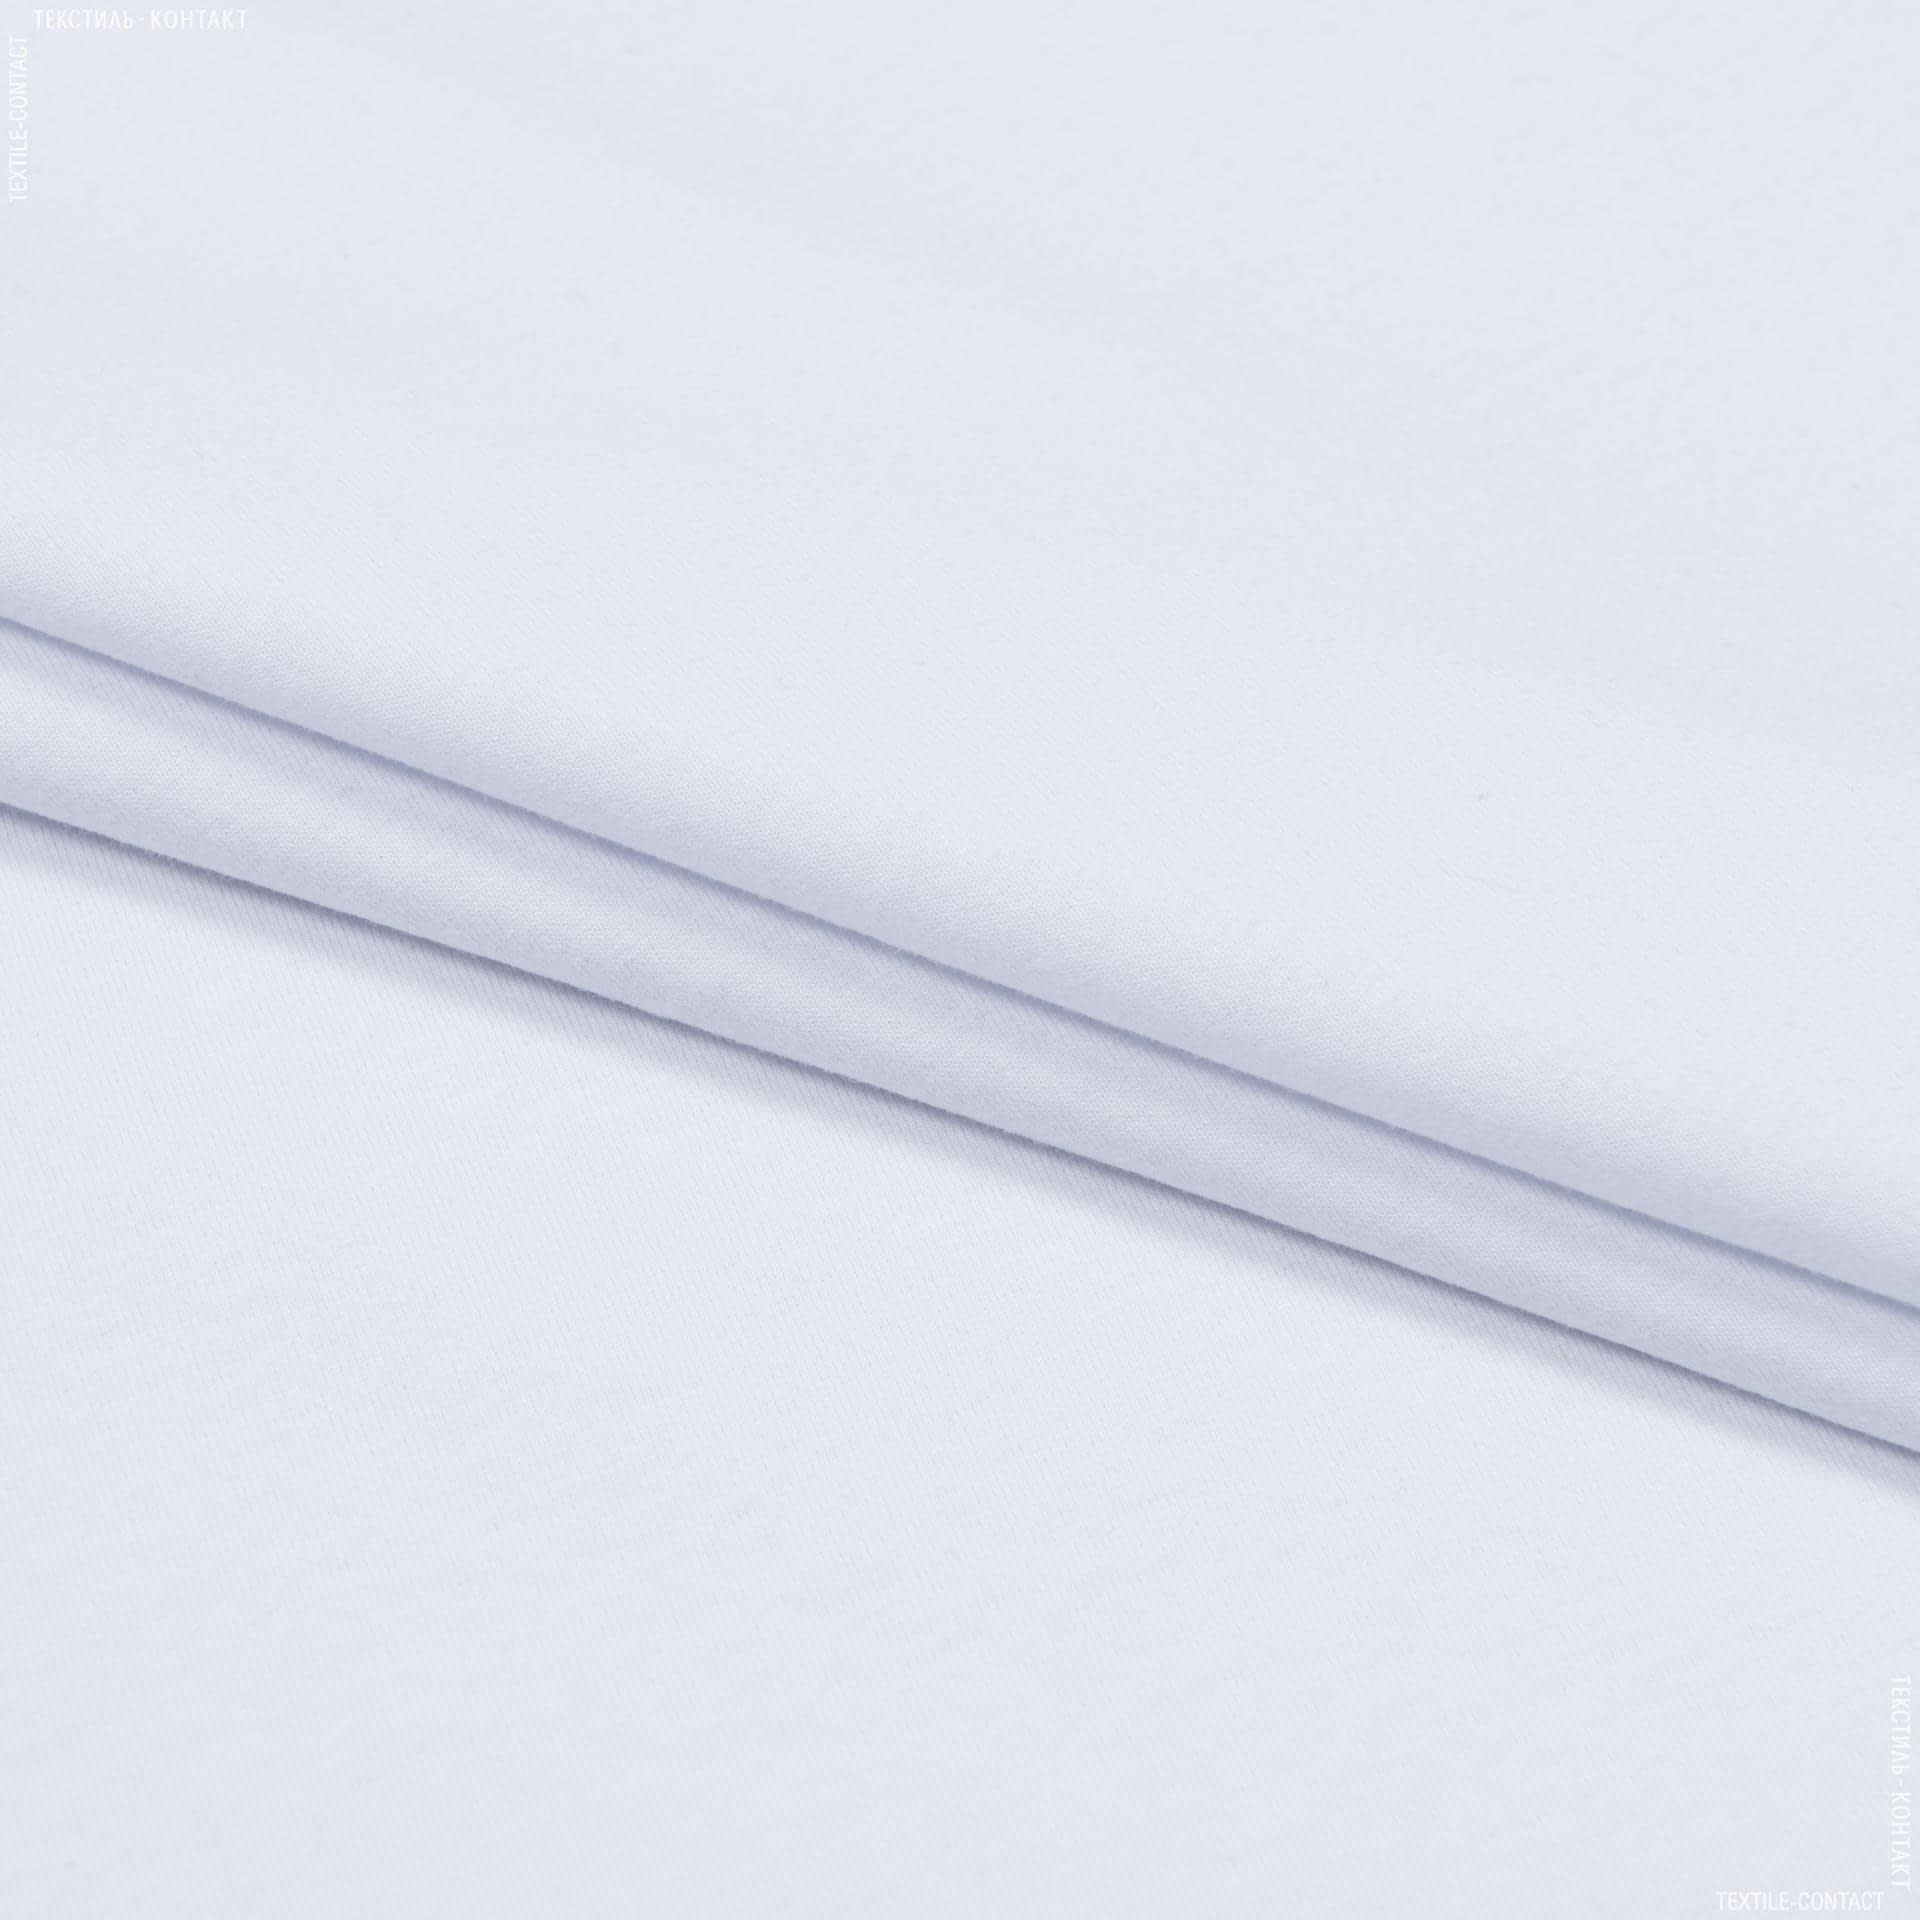 Тканини кулірні - Кулірне полотно  100см х 2 білий